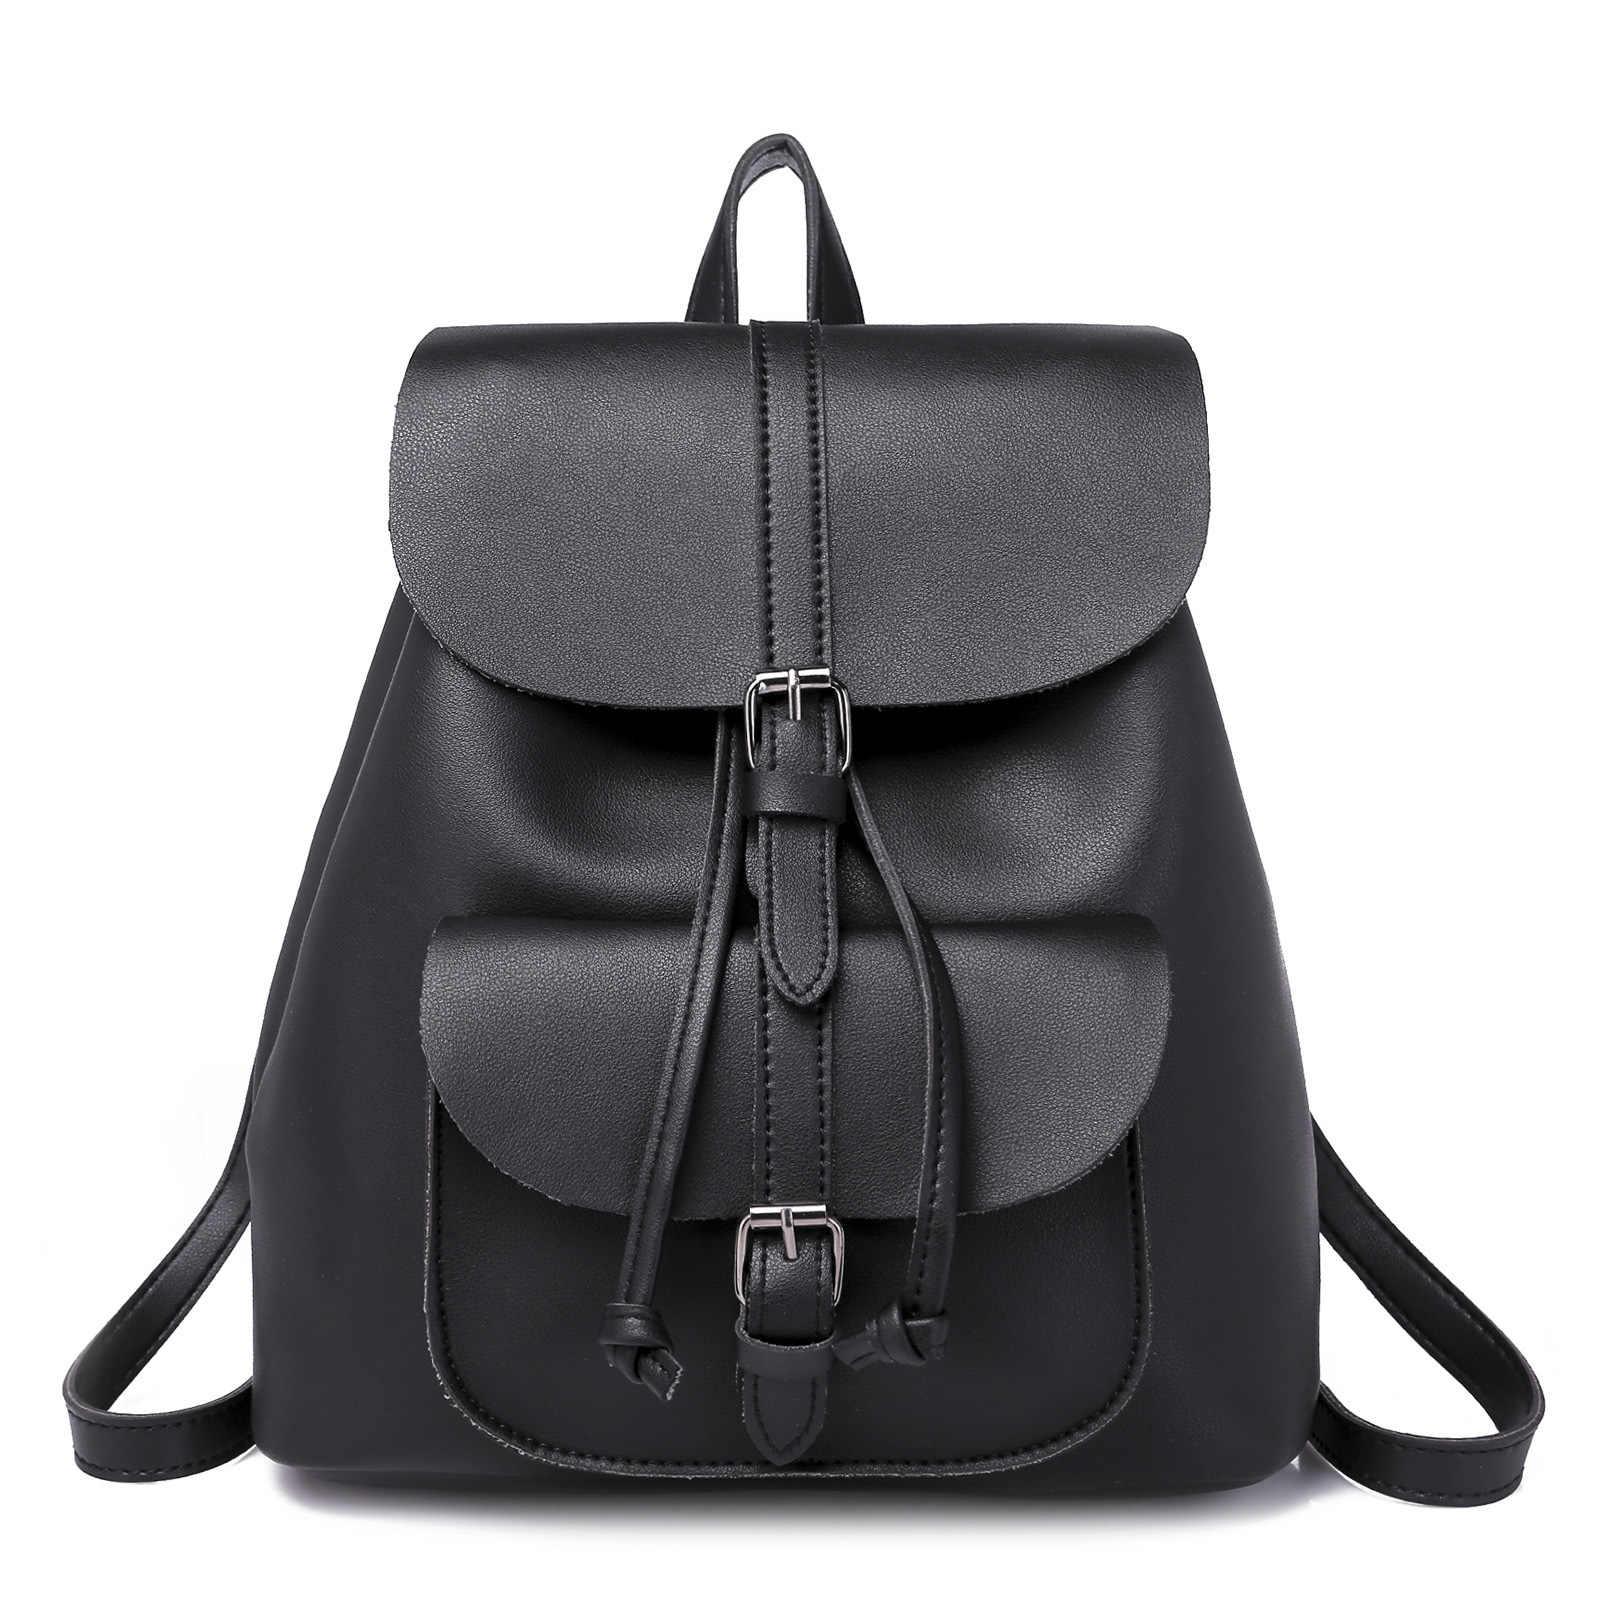 fc900a52b ... Модные женские кожаные рюкзаки на шнурке для девочек-подростков,  маленькие школьные сумки, женские ...